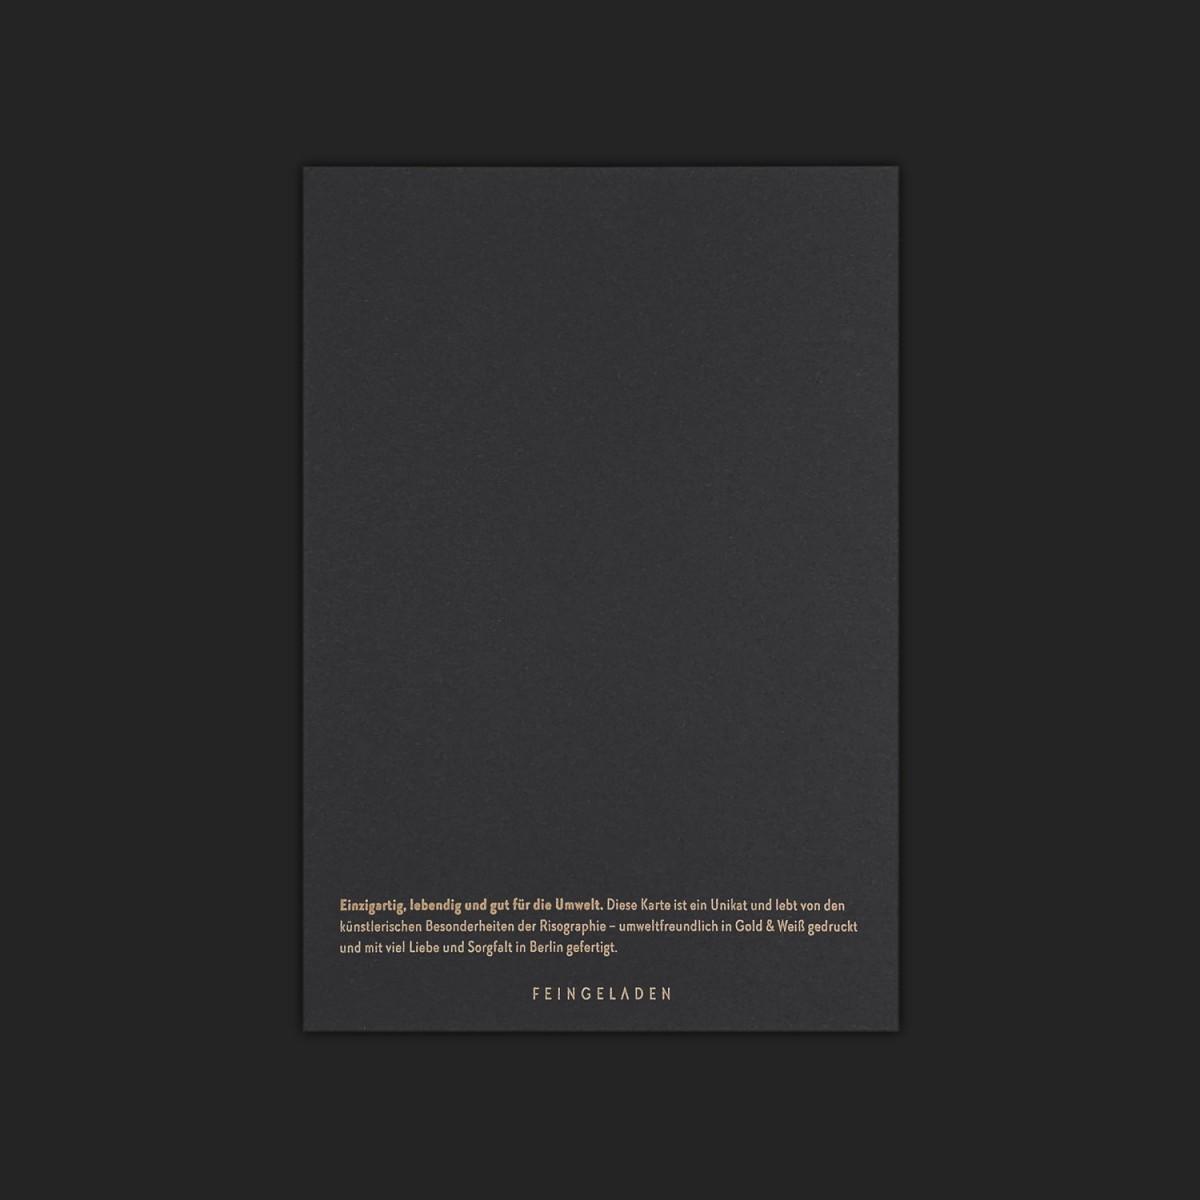 Feingeladen // LOVE STORIES // Ein Hoch auf Euch (Black Edition) – A6